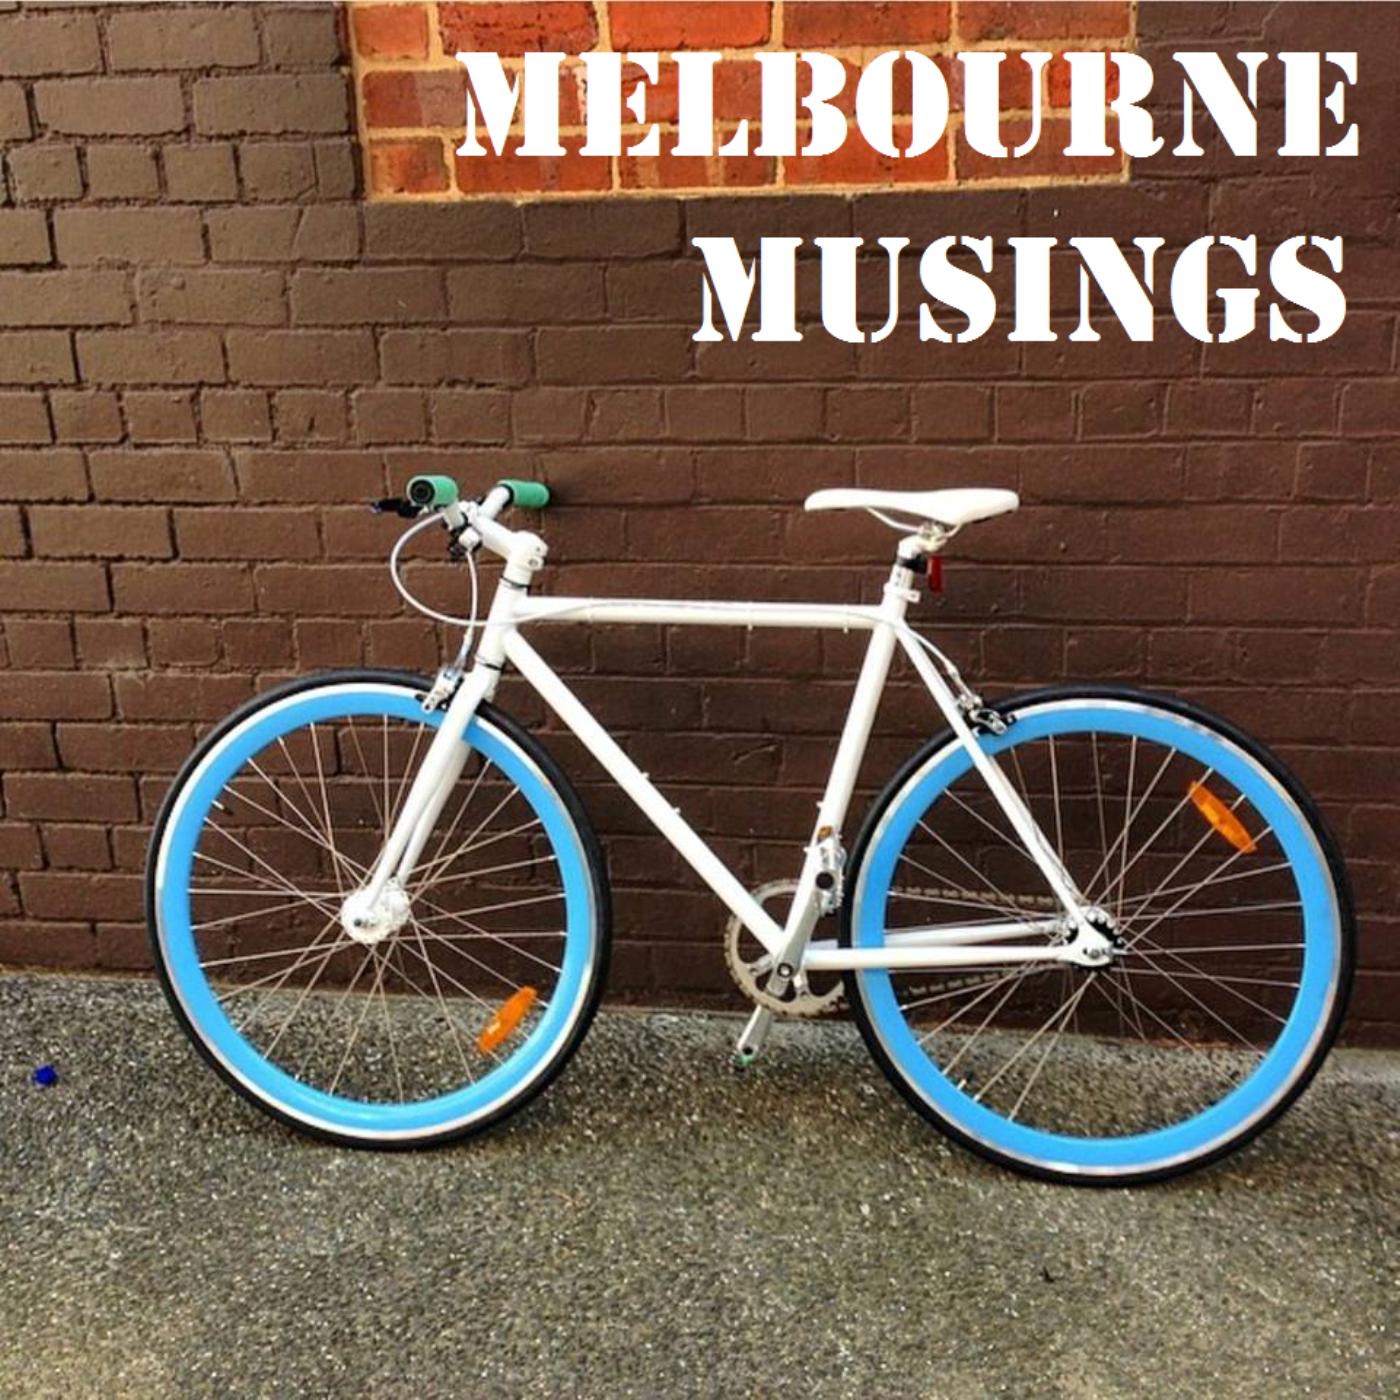 Melbourne Musings Epsidoe 83 show art